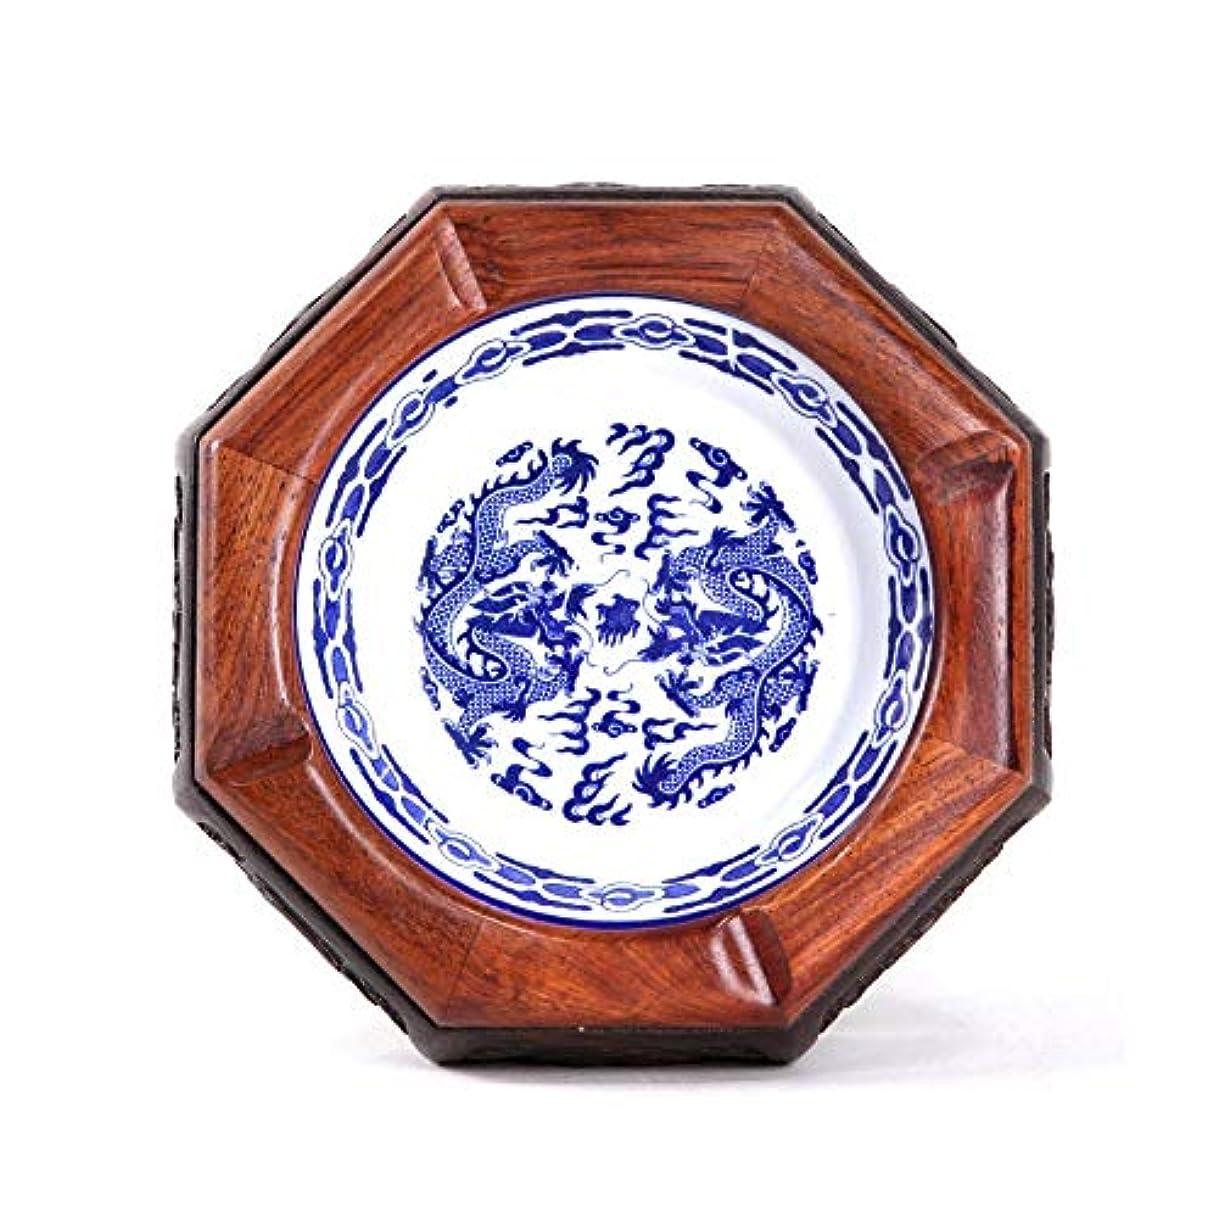 投げる小道具慈悲オフィスの居間の灰皿、中国のレトロな陶磁器並ぶ木製の灰皿、家の屋内と屋外の庭のエレガントな灰皿 (色 : L)